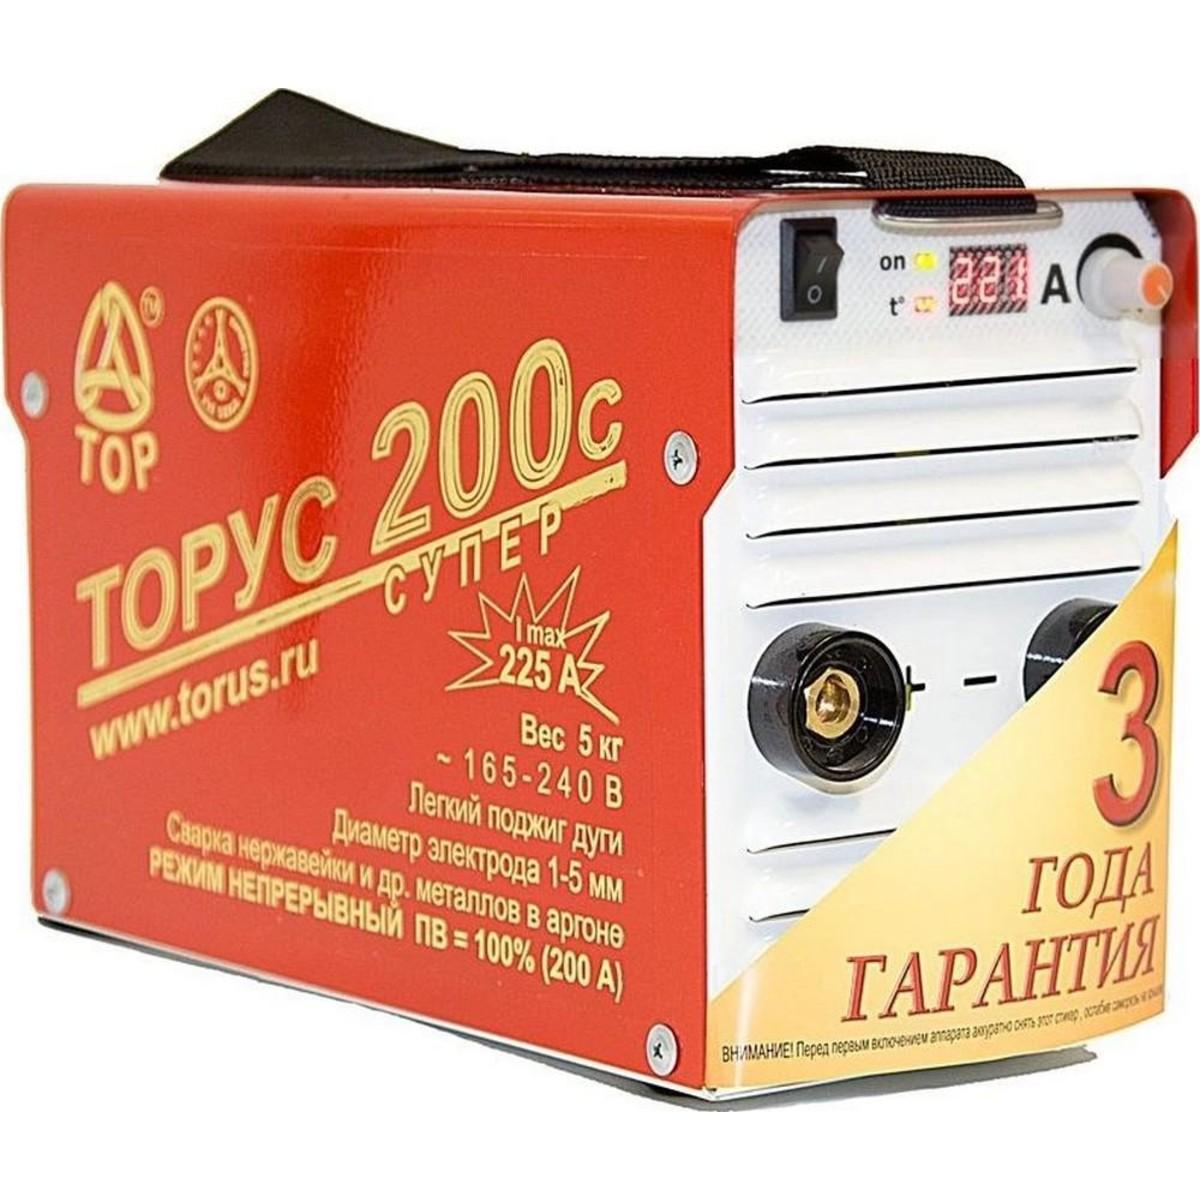 Дуговой Сварочный Инвертор Торус 200 С + Комплект Проводов 95566020